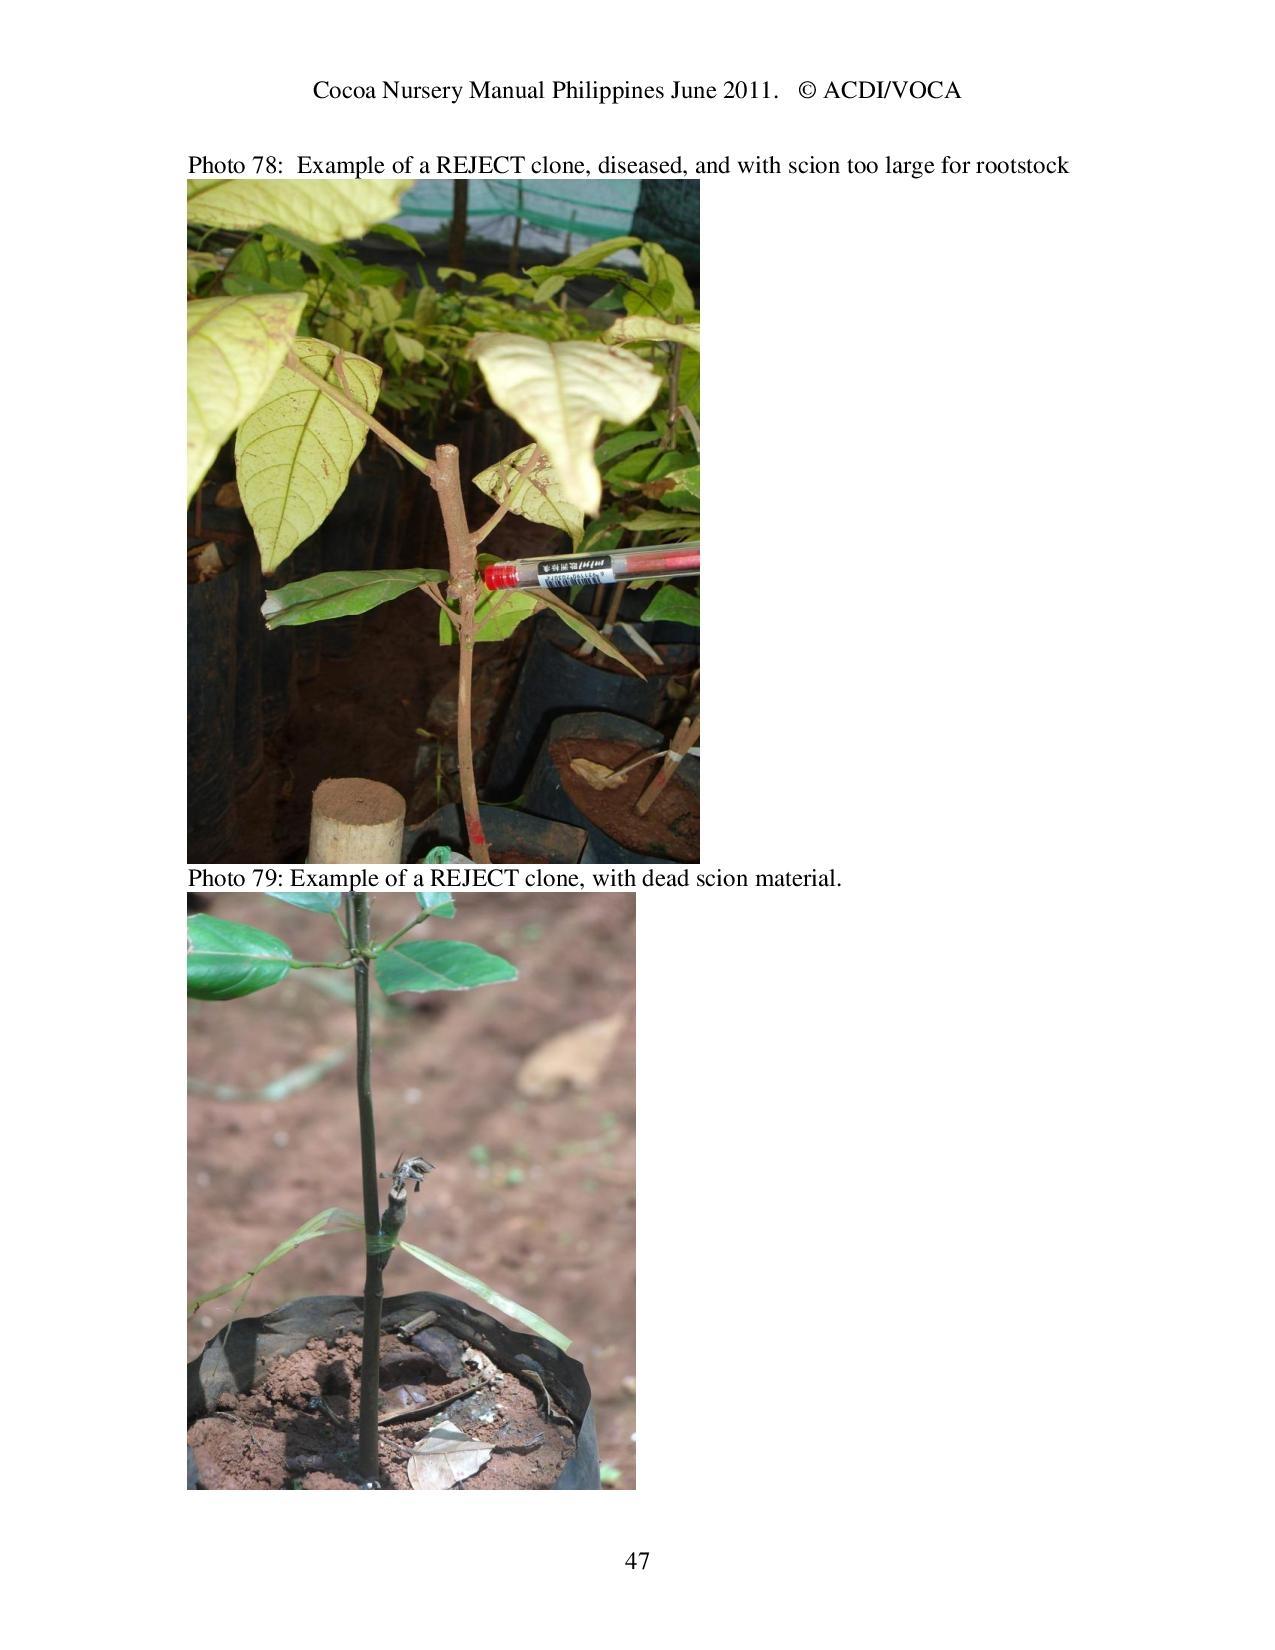 Cocoa-Nursery-Manual-2011_acdi-voca-page-047